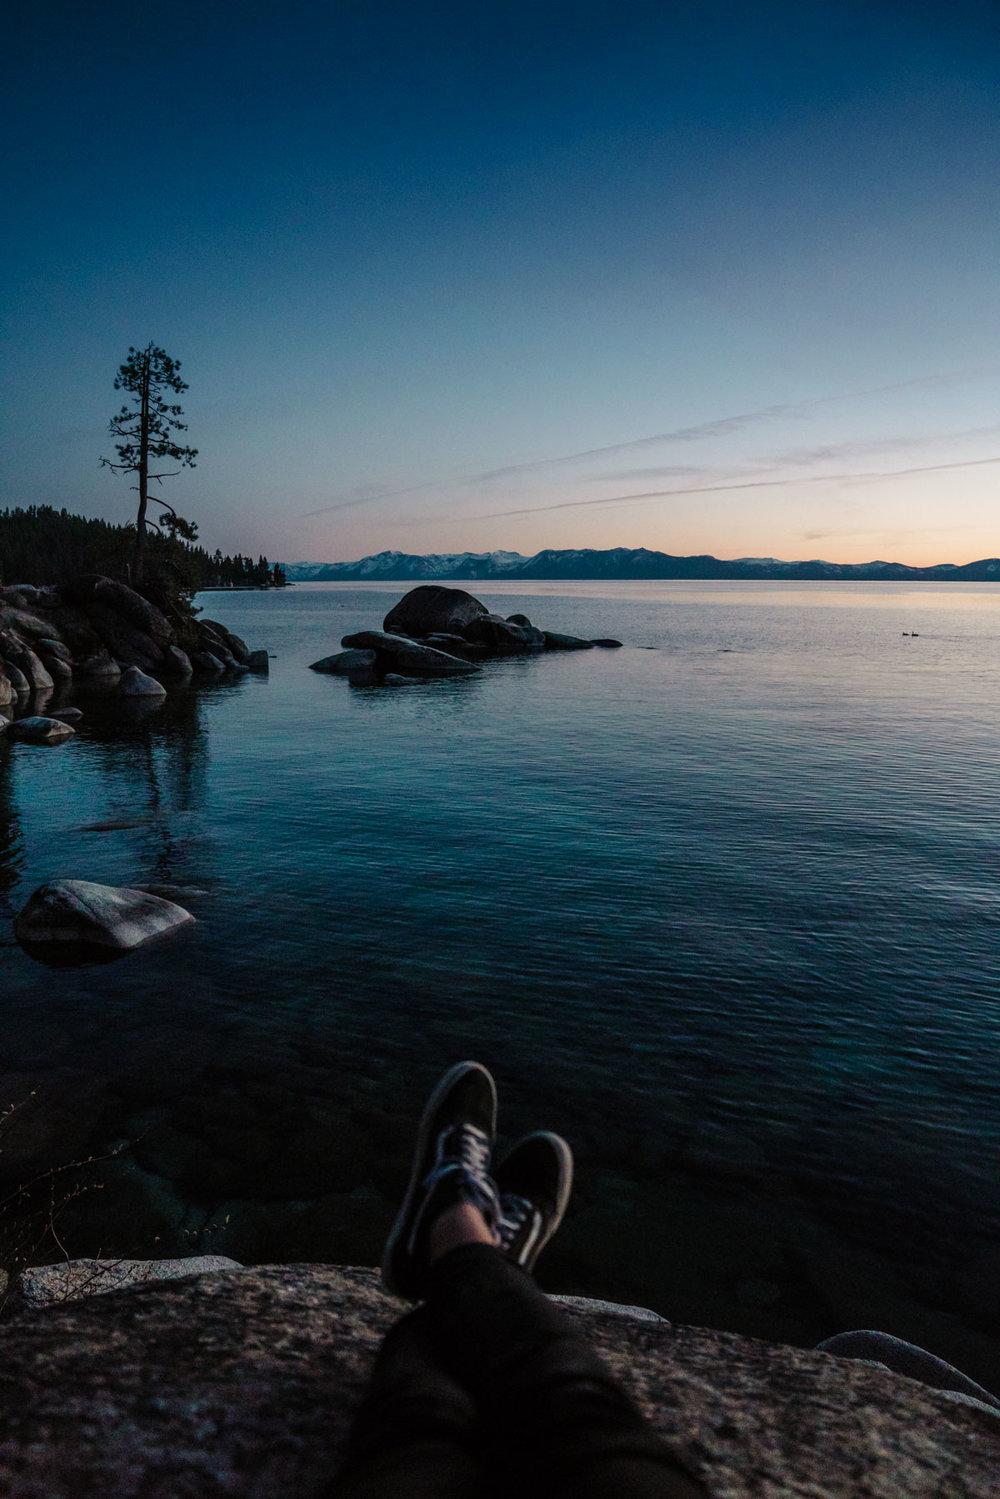 kyson-dana-lake-tahoe.jpeg